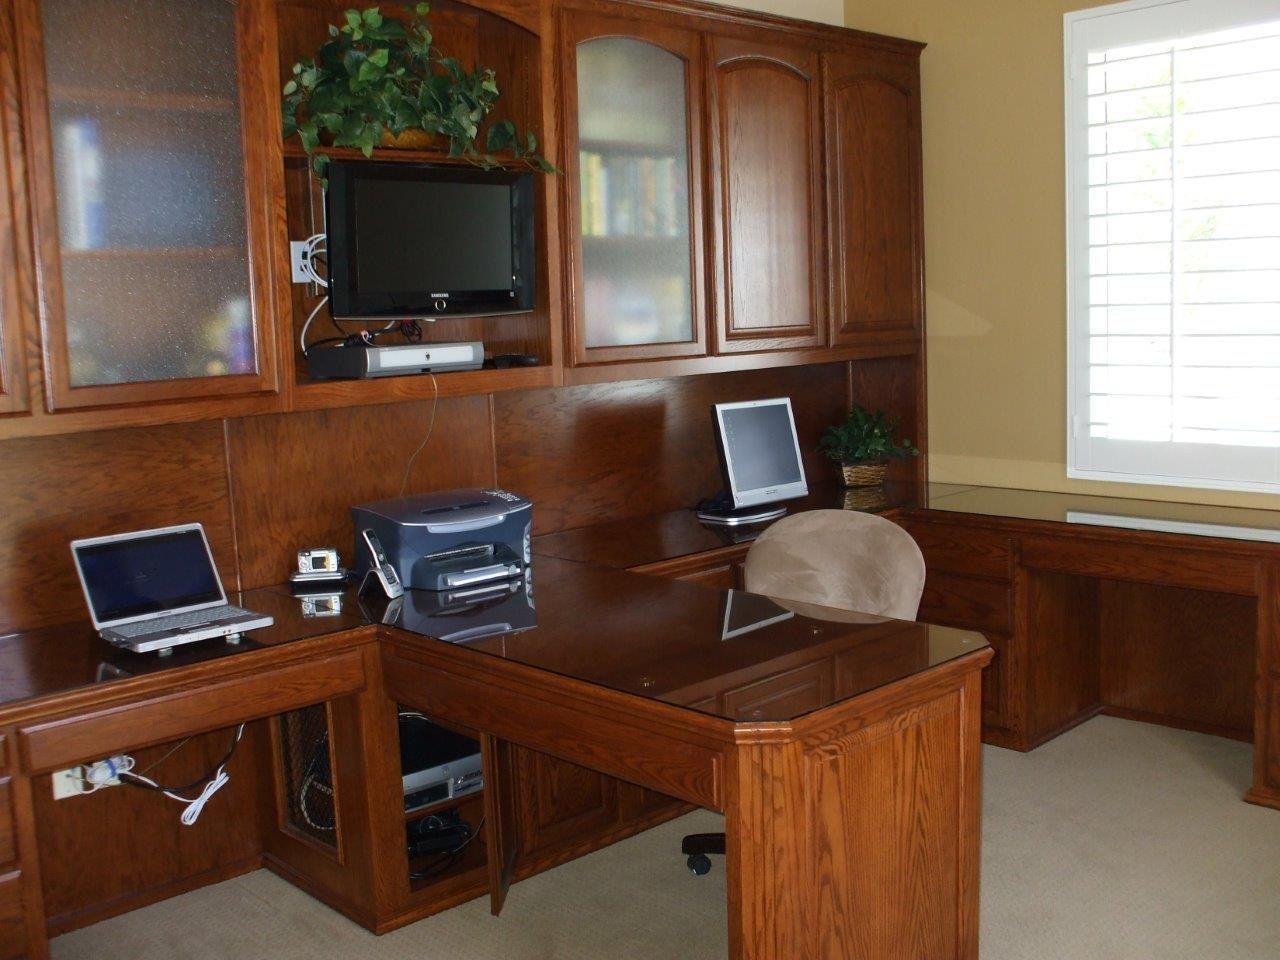 custom office desk designs. Custom Office Desks For Home - Modern Furniture Check More At  Http://www.drjamesghoodblog.com/custom-office-desks-for-home/ Custom Office Desk Designs S